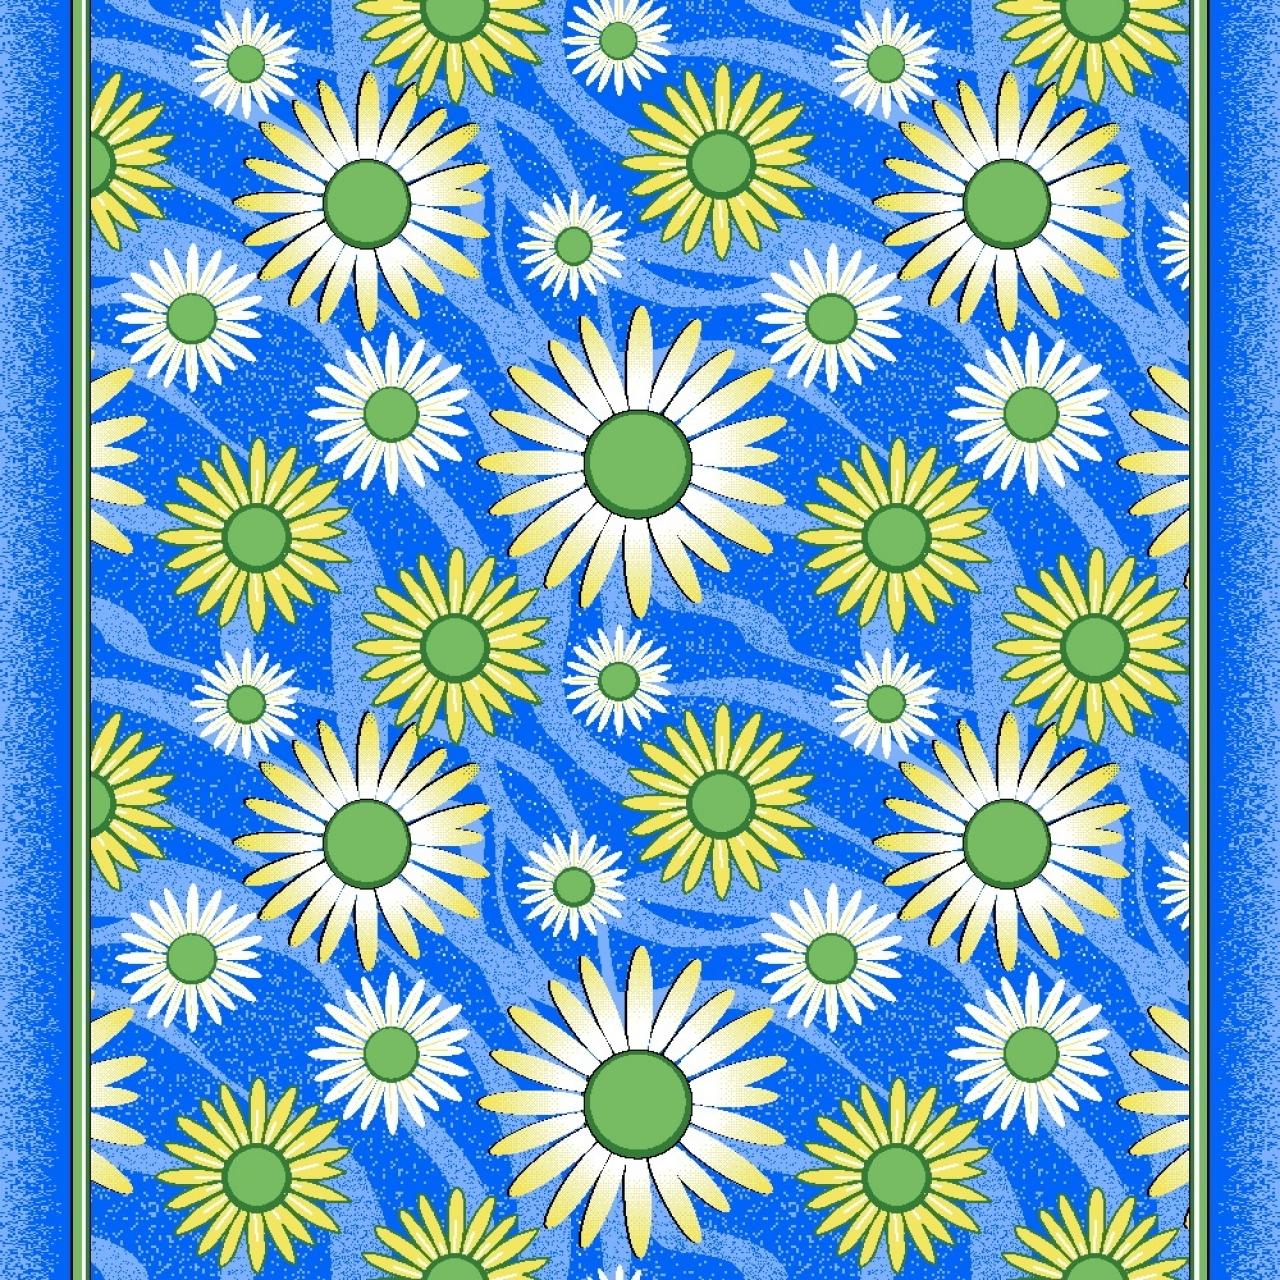 Ковровая дорожка p1174a4p - 51 - коллекция принт 10-ти цветное полотно